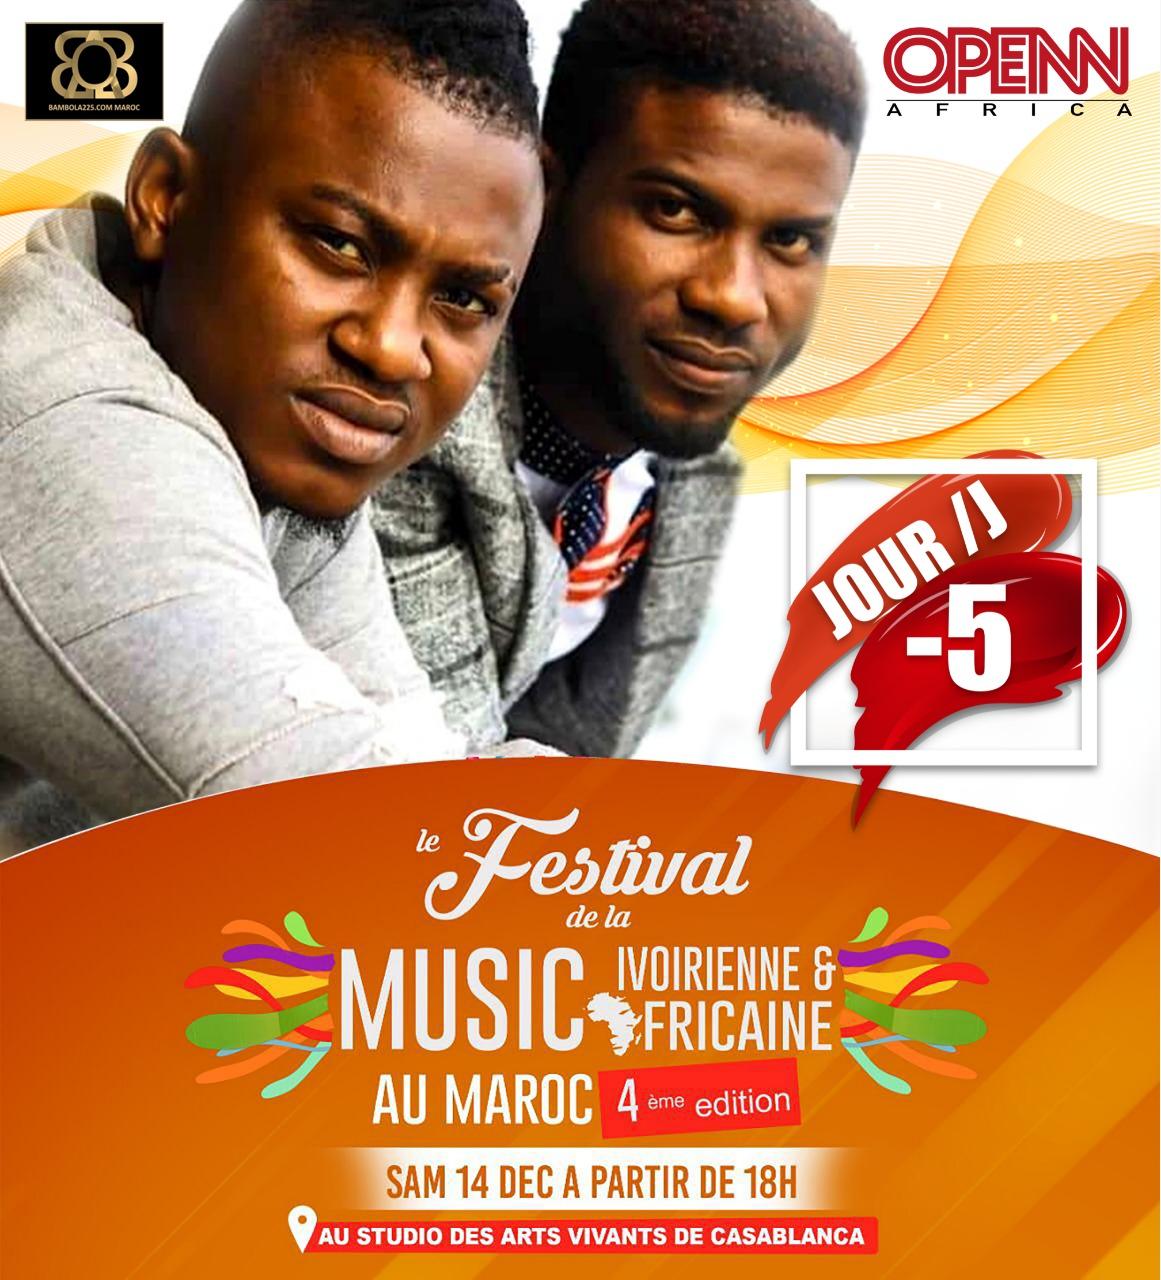 Magic Diezel invité de la 4ème édition du « Festival de la Music Ivoirienne et Africaine » le samedi 14 décembre 2019 à Casablanca, au Maroc. Crédits photos : © DR, OPENN Africa